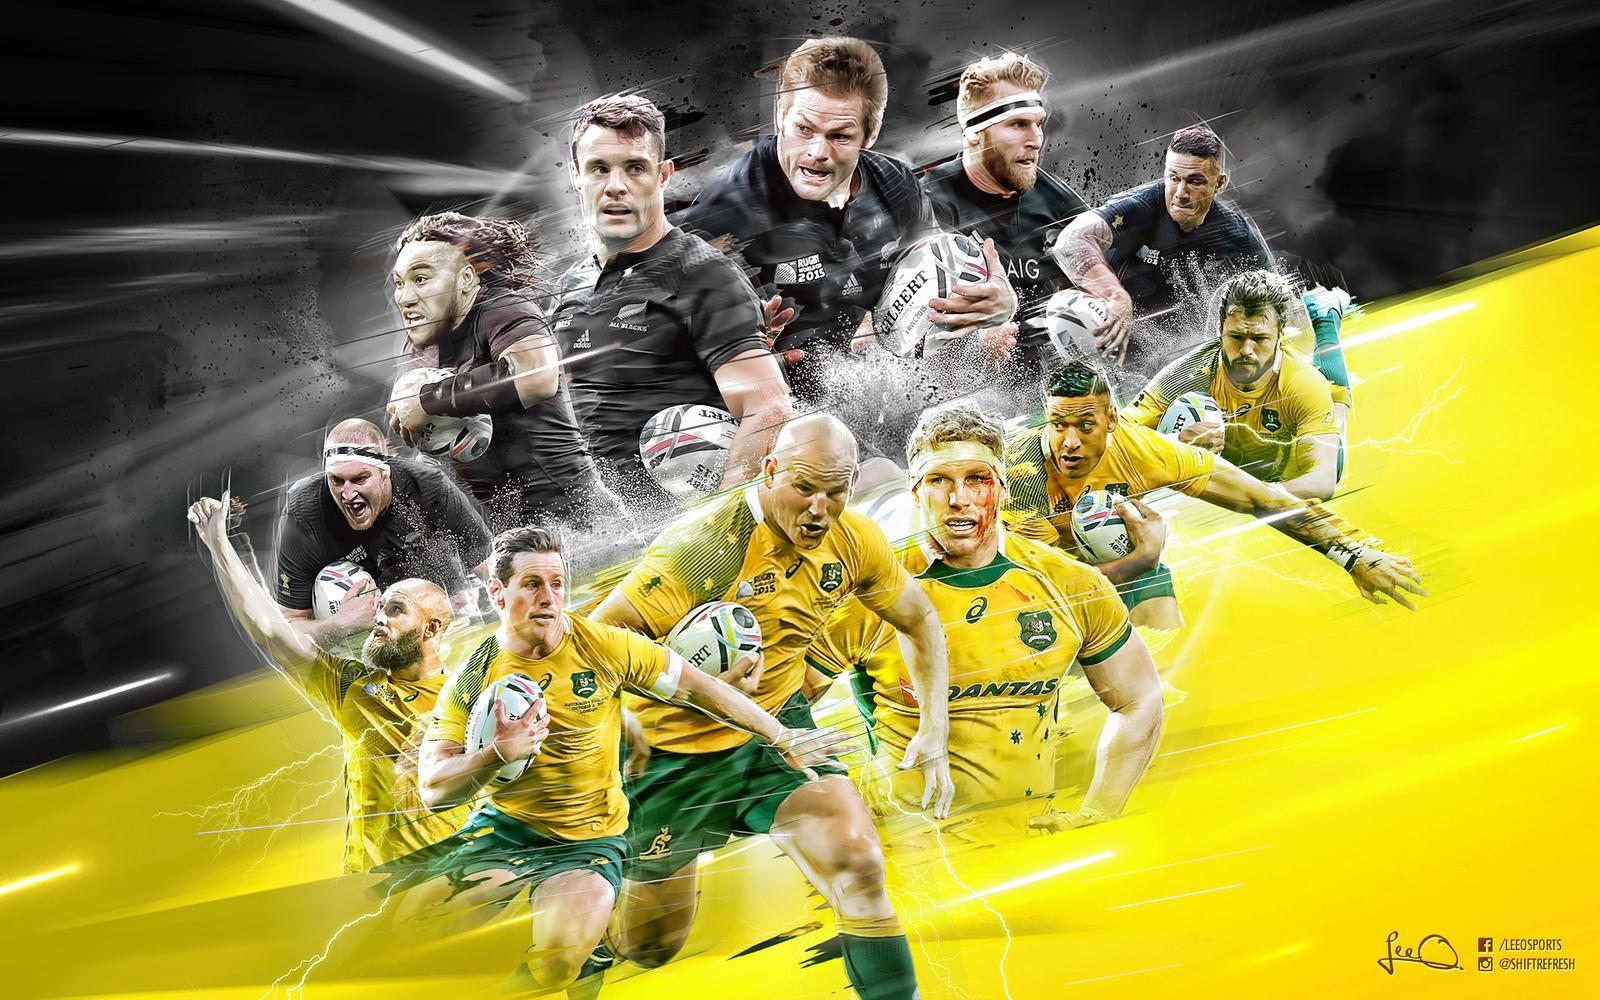 Match Thread New Zealand Vs Australia Rwc2015 Final Rugbyunion